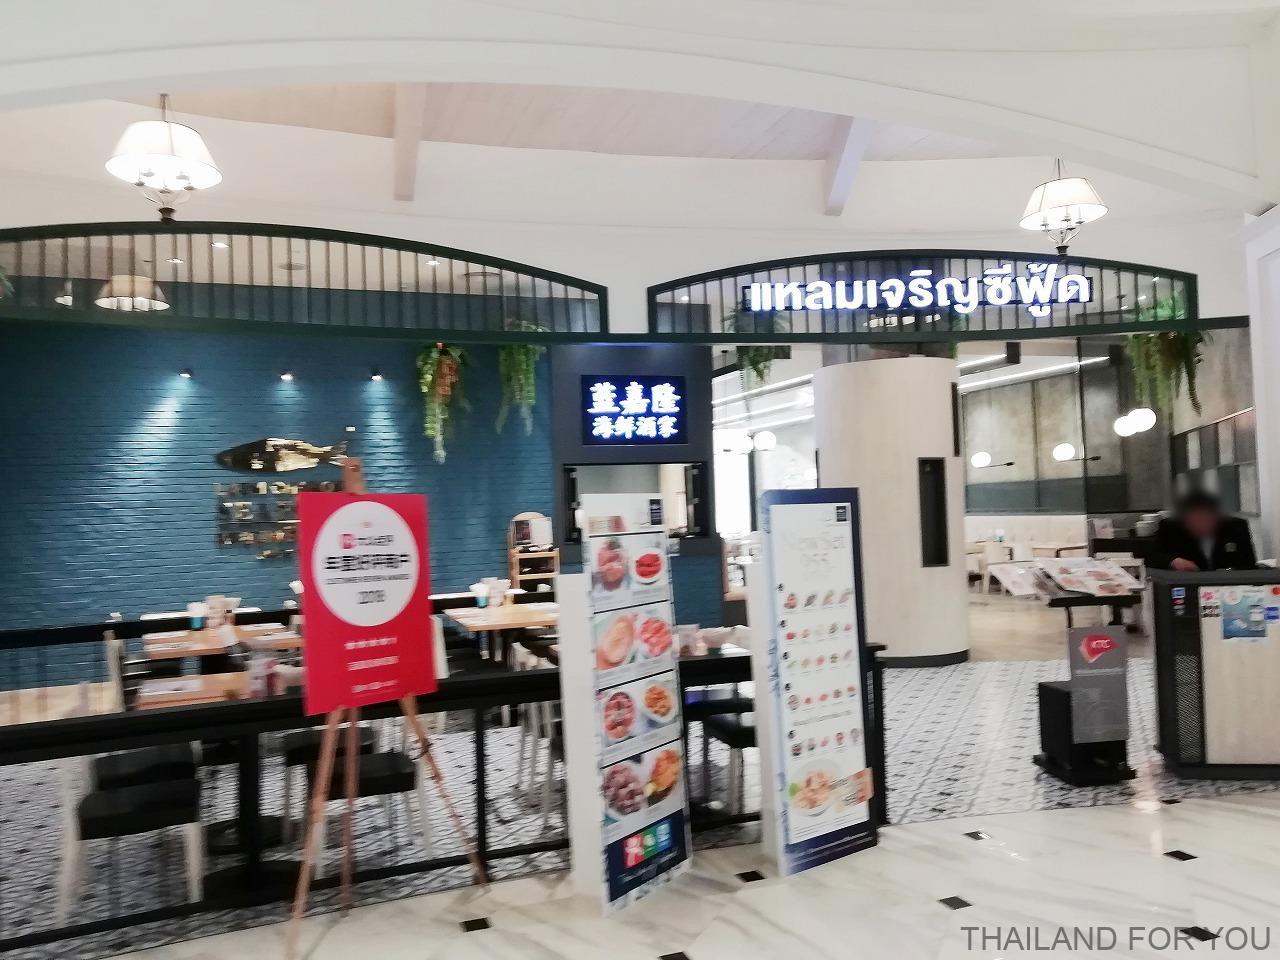 ザ・マーケット・バンコク 藍嘉隆海鮮酒家 the market bangkok 写真